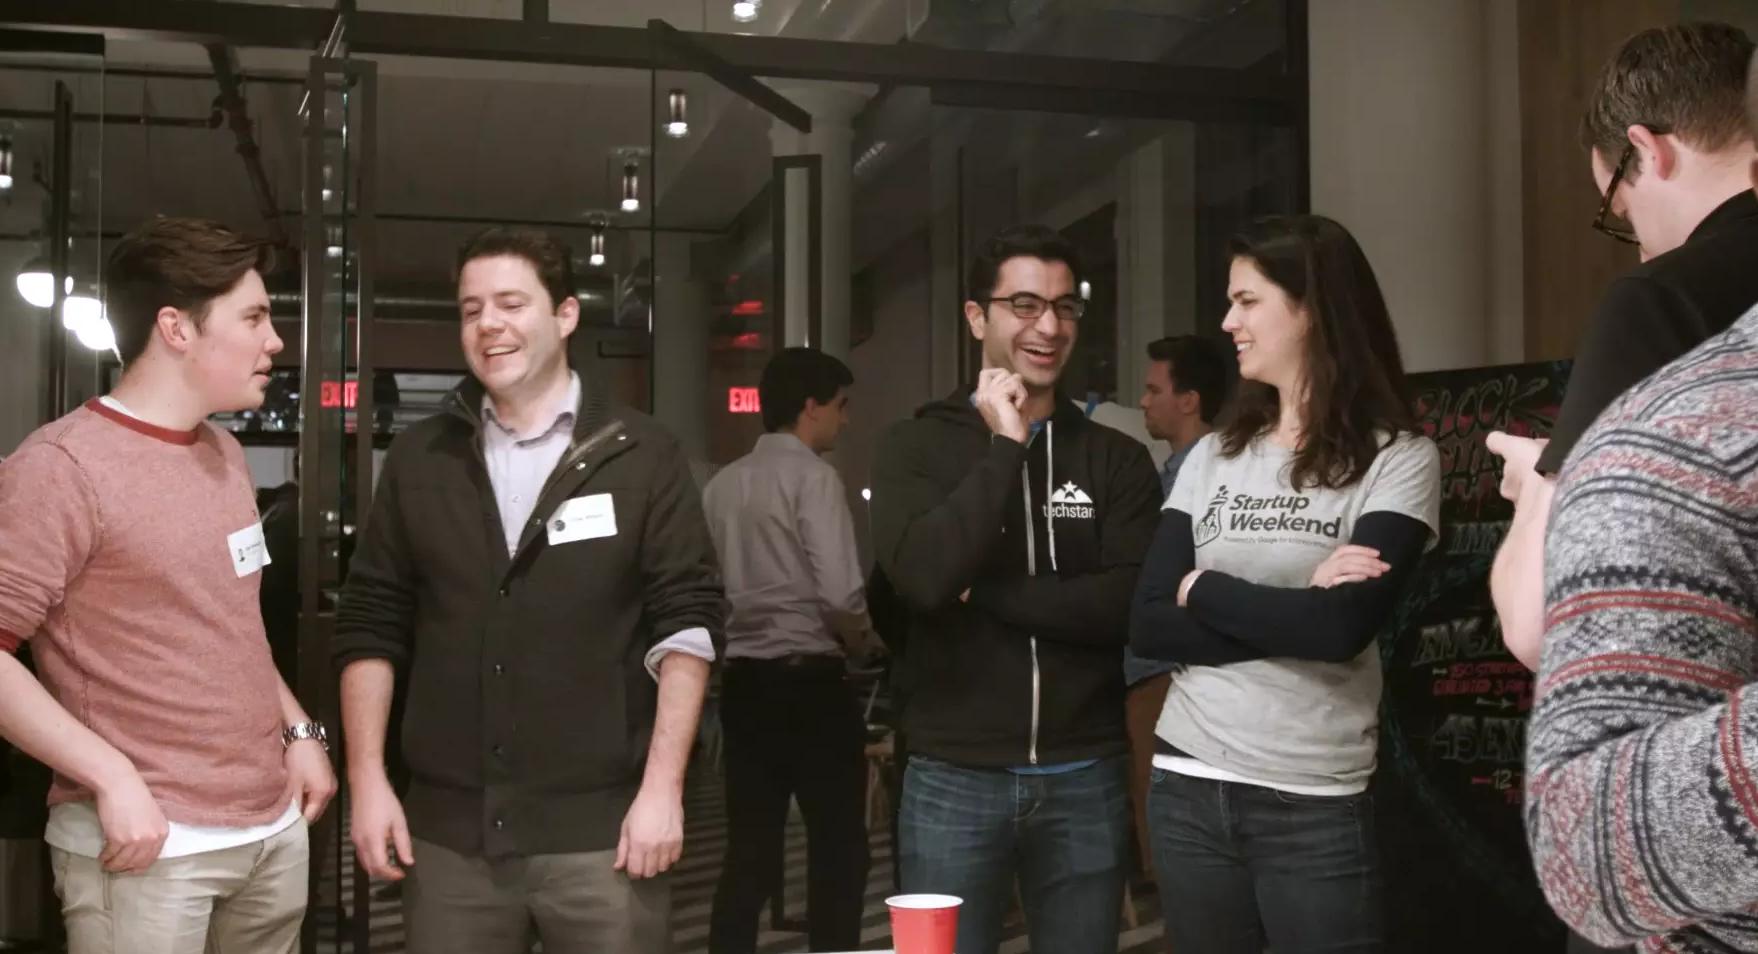 Startup Weekend Video